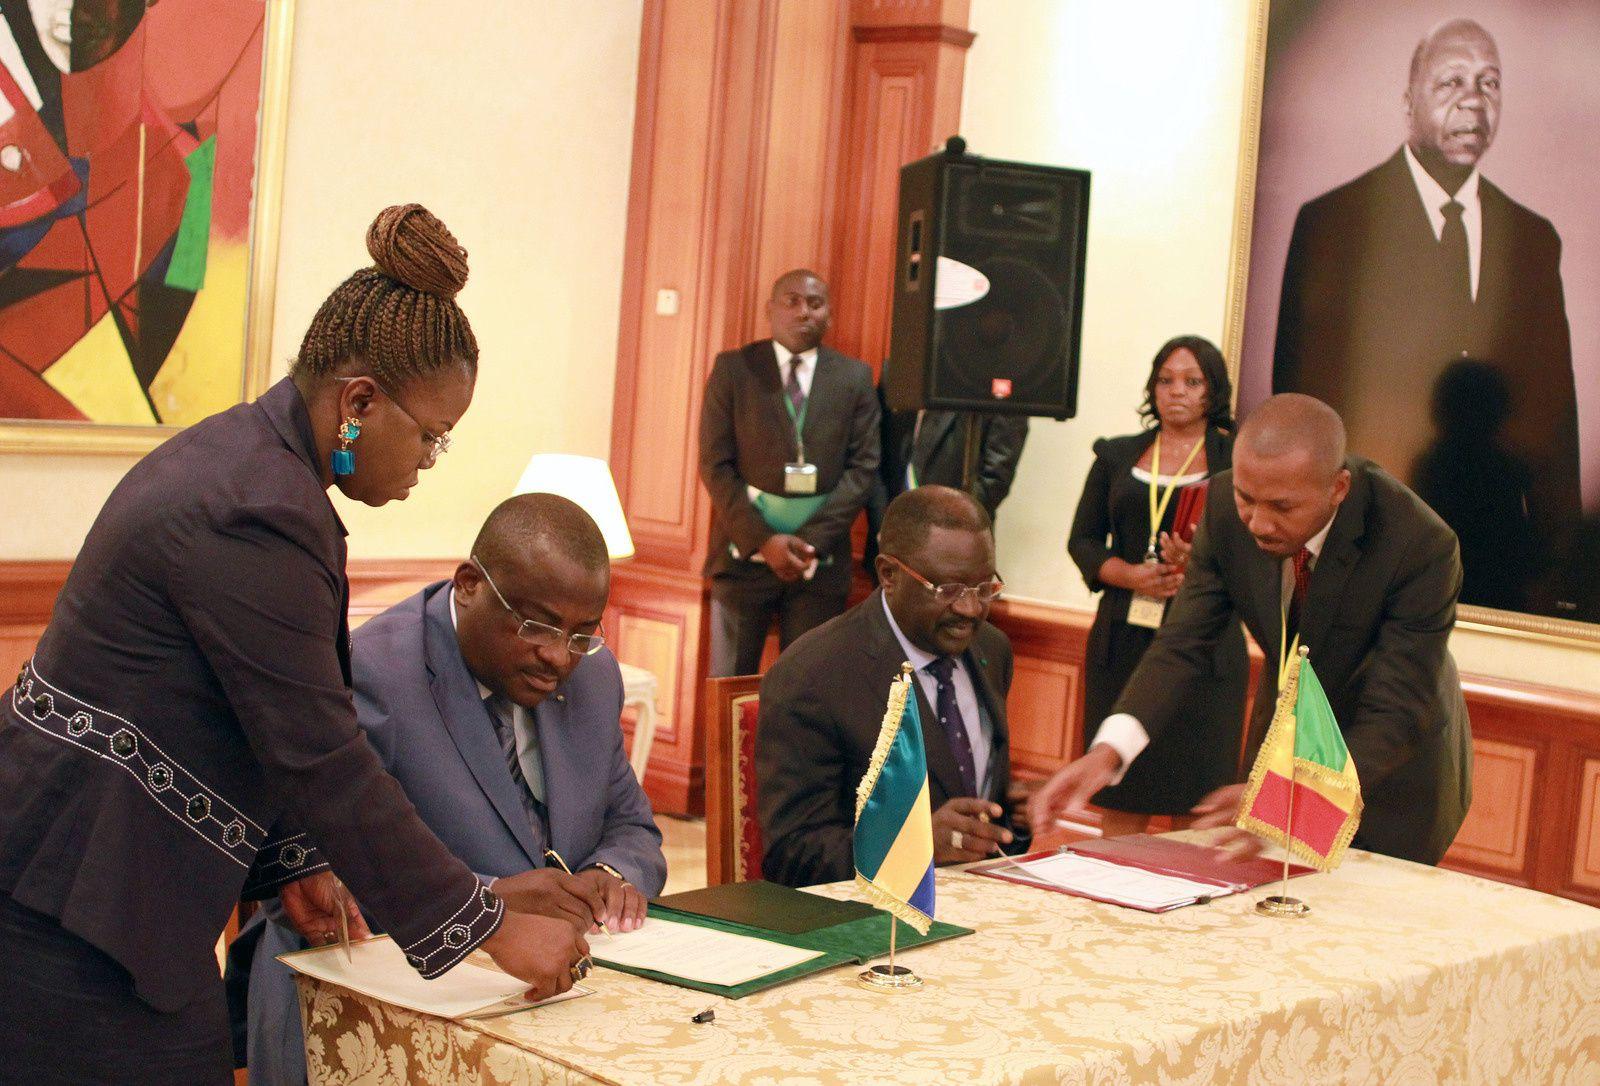 Fin de la visite de travail et d'amitié du Président Macky Sall au Gabon: Communiqué conjoint